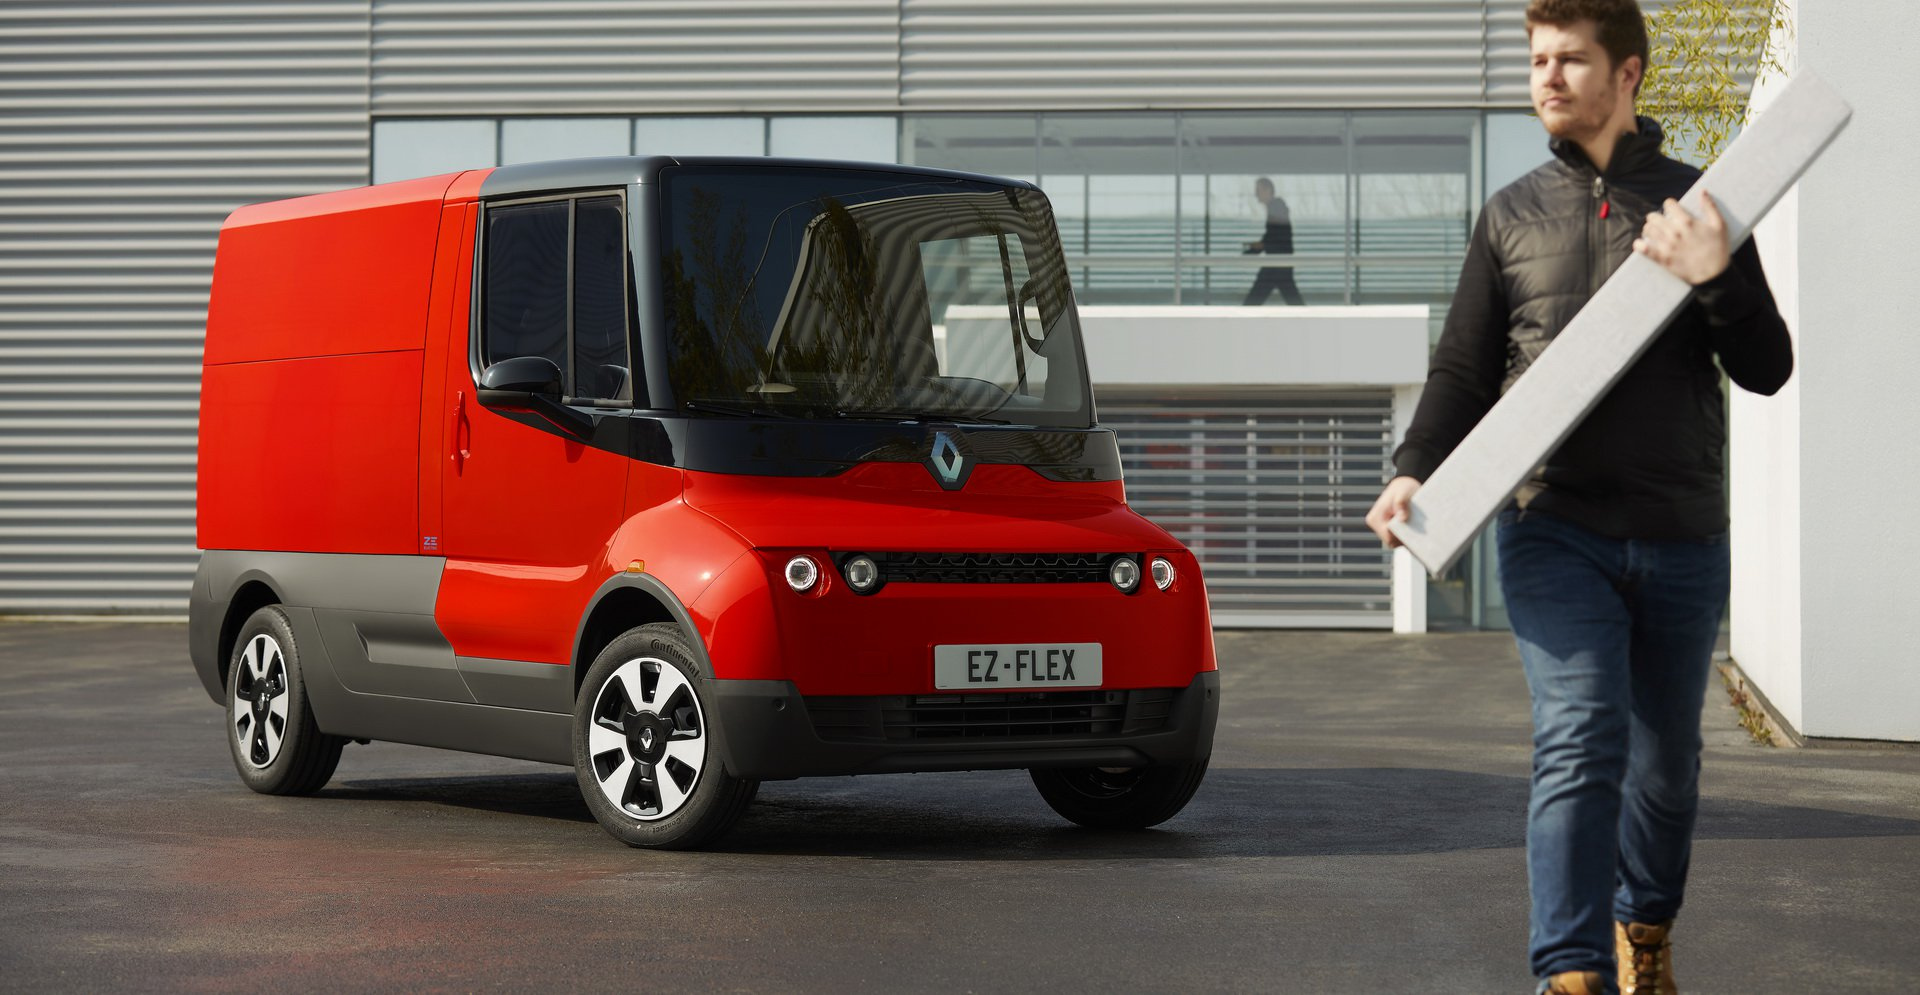 Идея коммерческого транспорта на электротяге не нова для «Рено»: в линейке бренда уже есть подобные модели в лице Twizy Cargo, Master Z.E и др. Список может пополнить еще один экземпляр – EZ-Flex